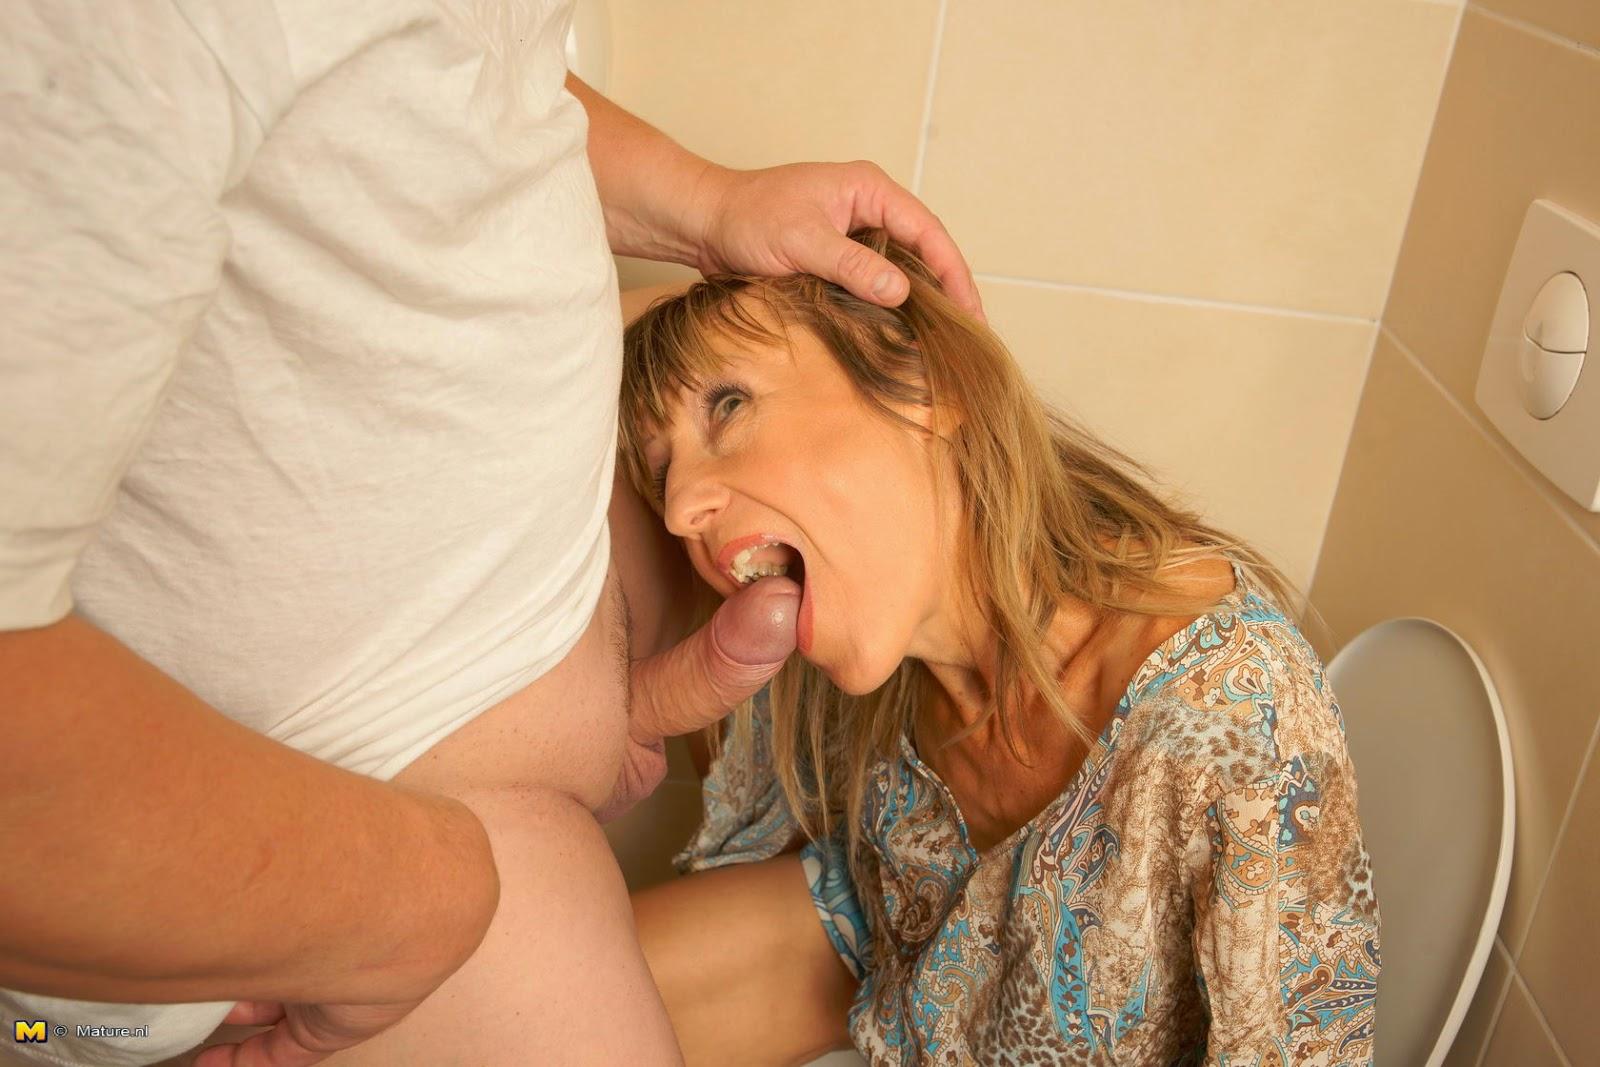 Тётя и племянник в туалете, Тетя и Племянник порно, смотреть Племянник трахает 2 фотография